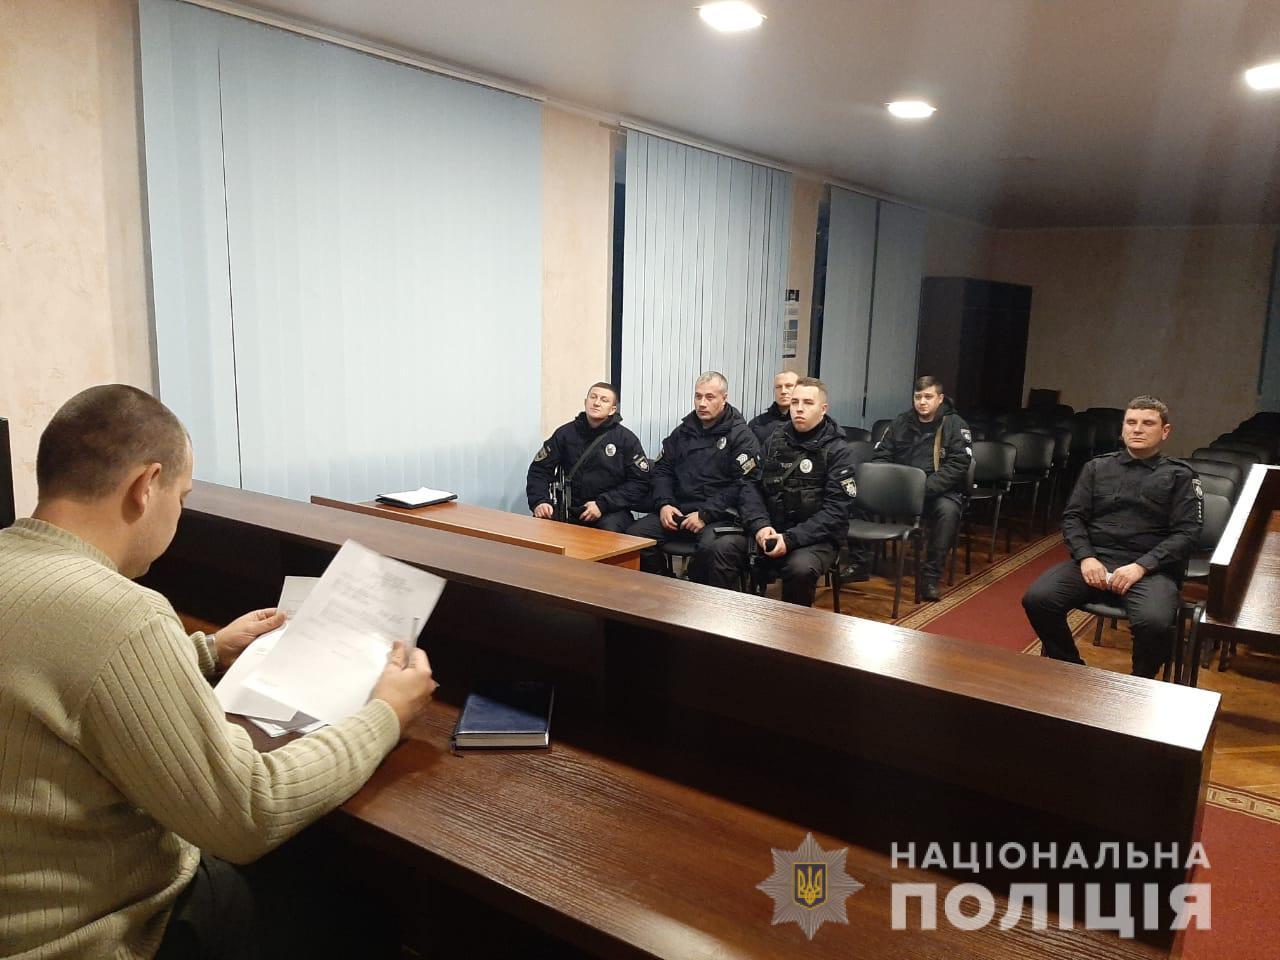 vidpratsmyron1 На Миронівщині відбулися профілактичні заходи: виявлено 6 водіїв напідпитку та розкрито крадіжку з магазину